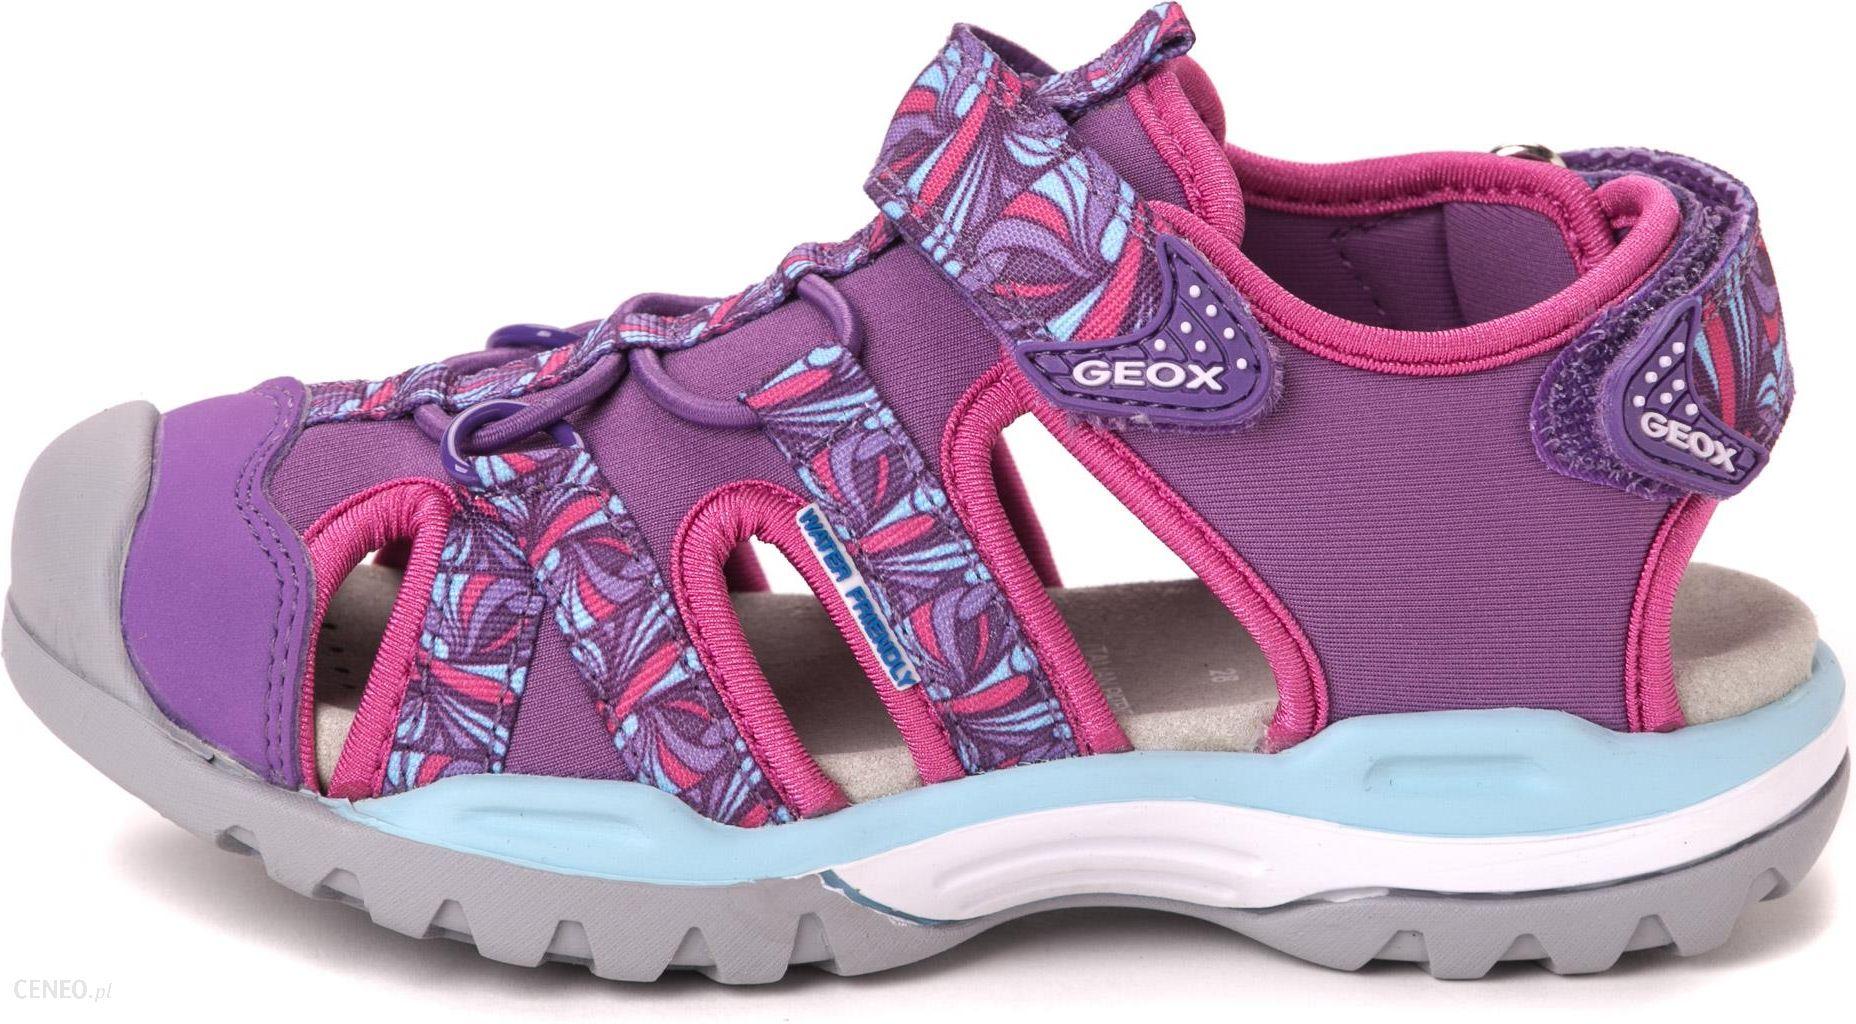 12e7f5e458864 Geox sandały dziewczęce Borealis 28 fioletowy - Ceny i opinie - Ceneo.pl